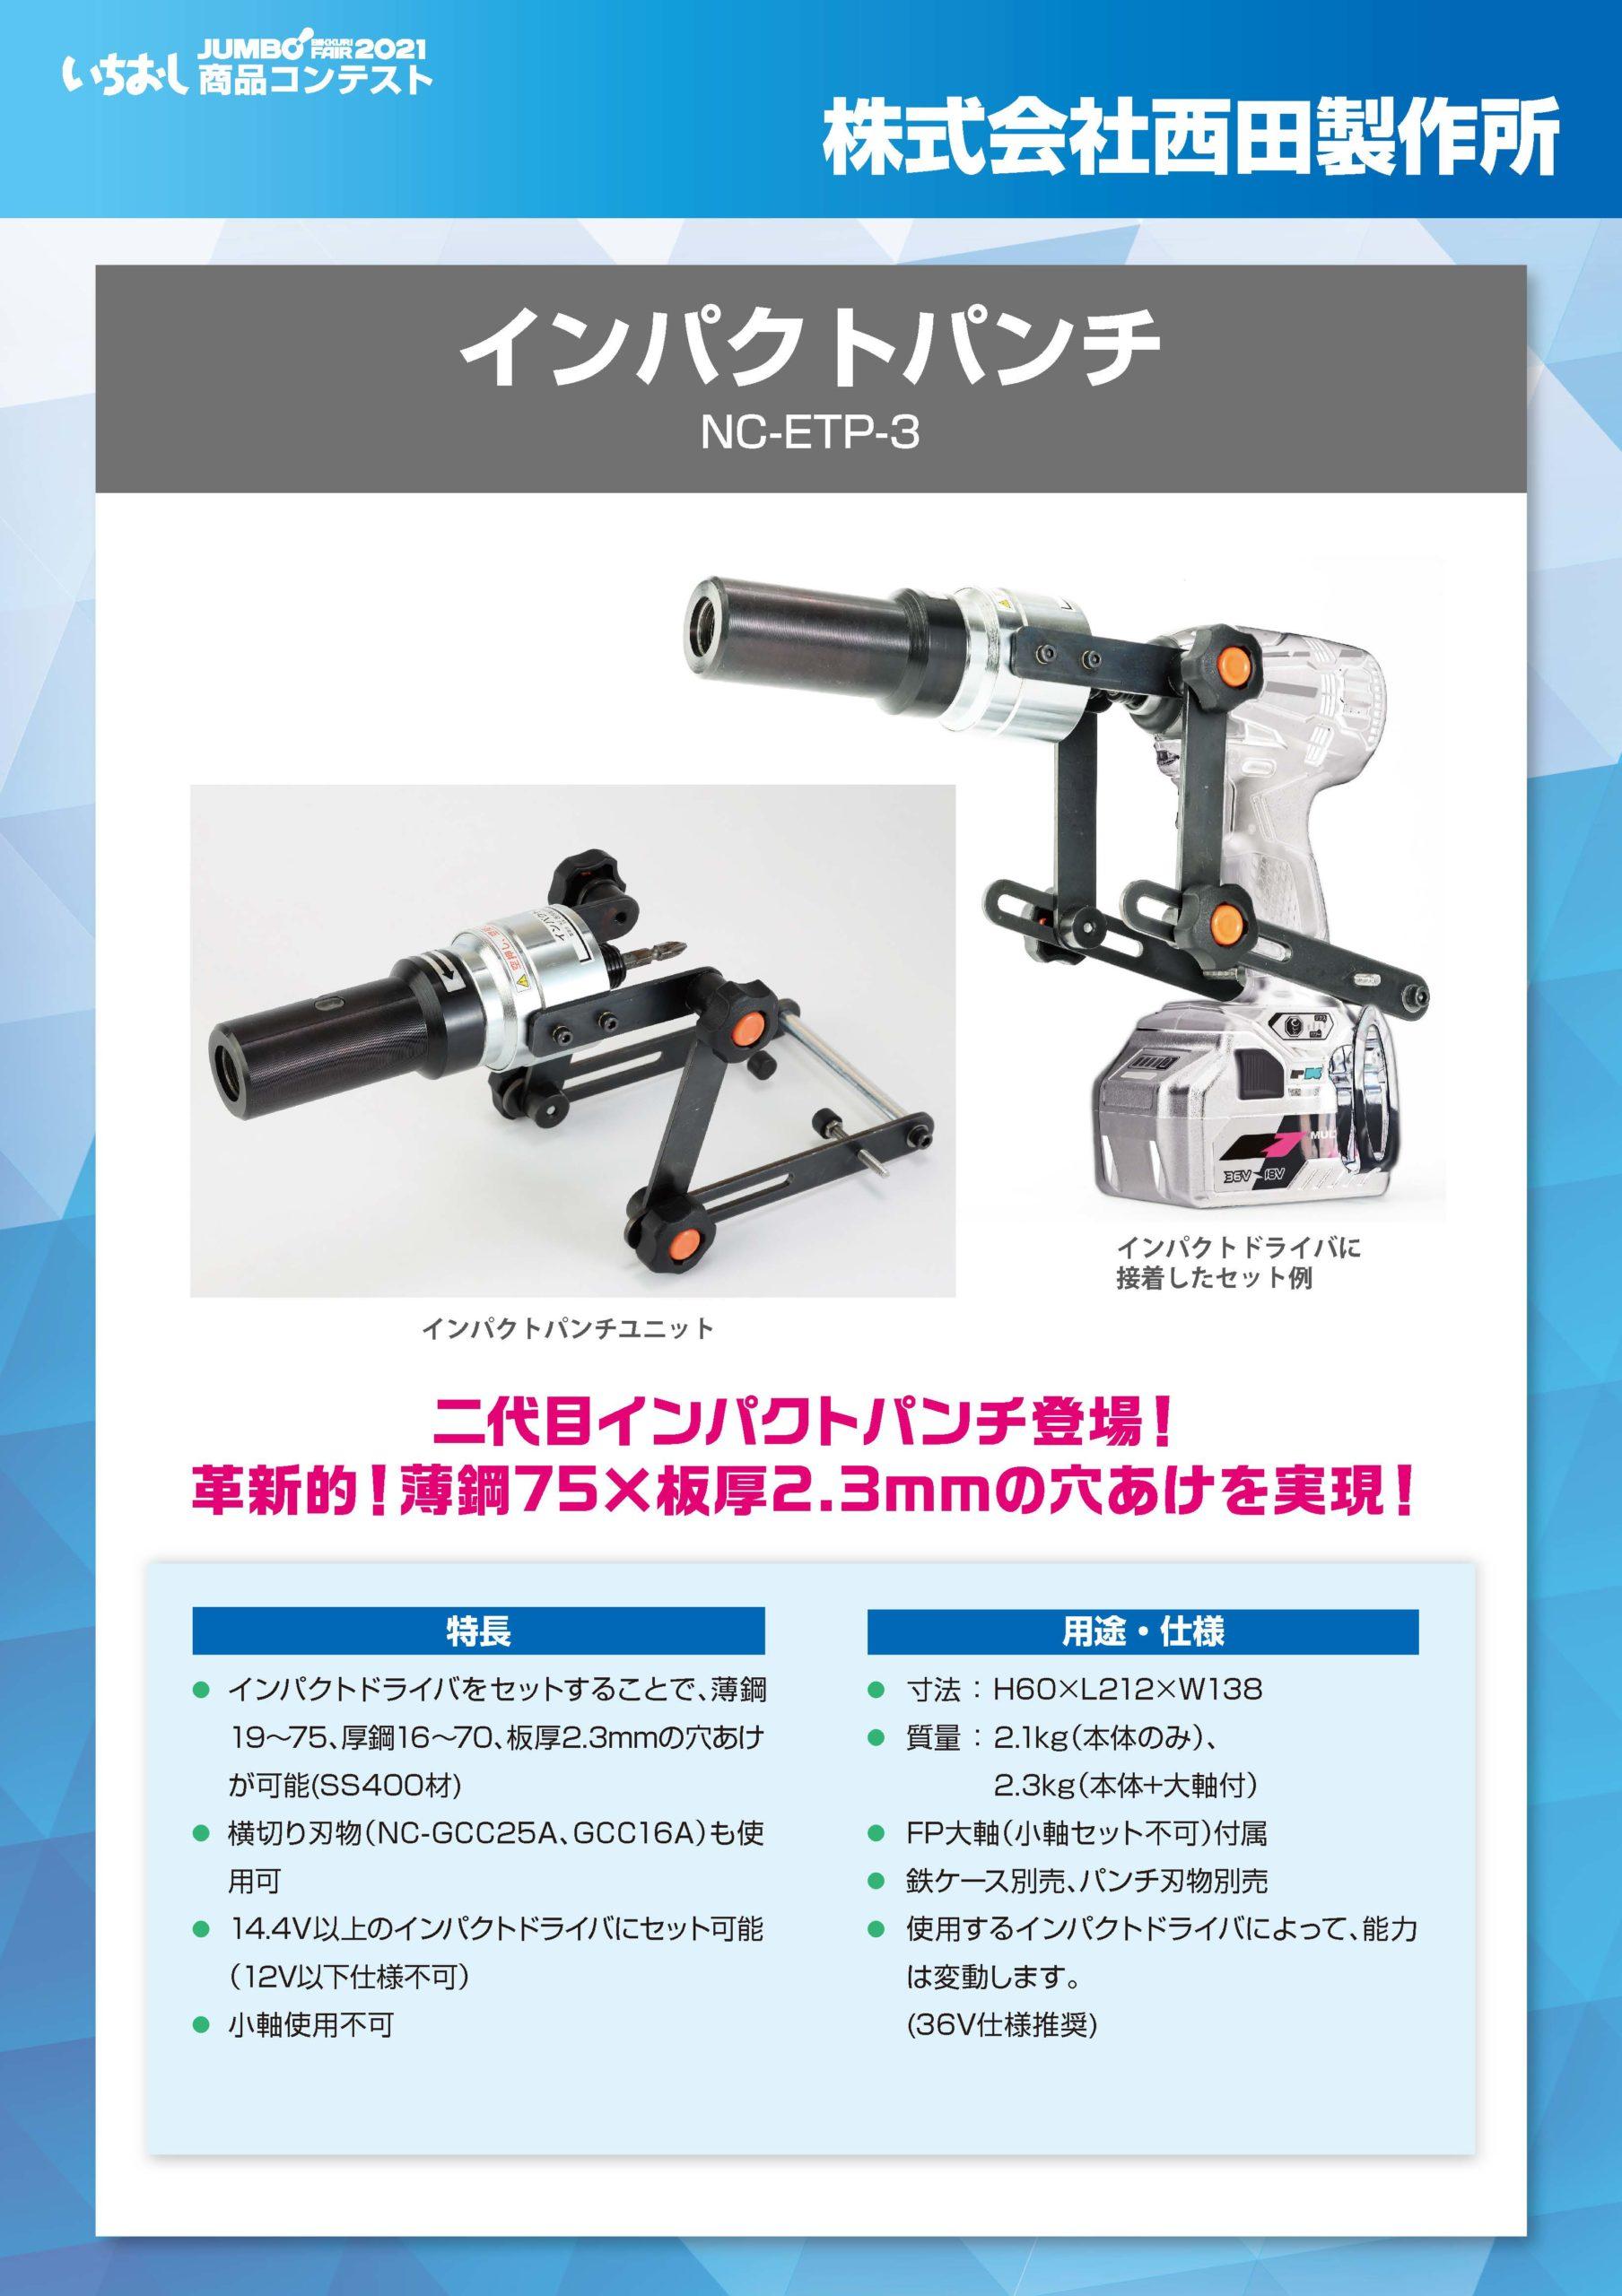 「インパクトパンチ」株式会社西田製作所の画像